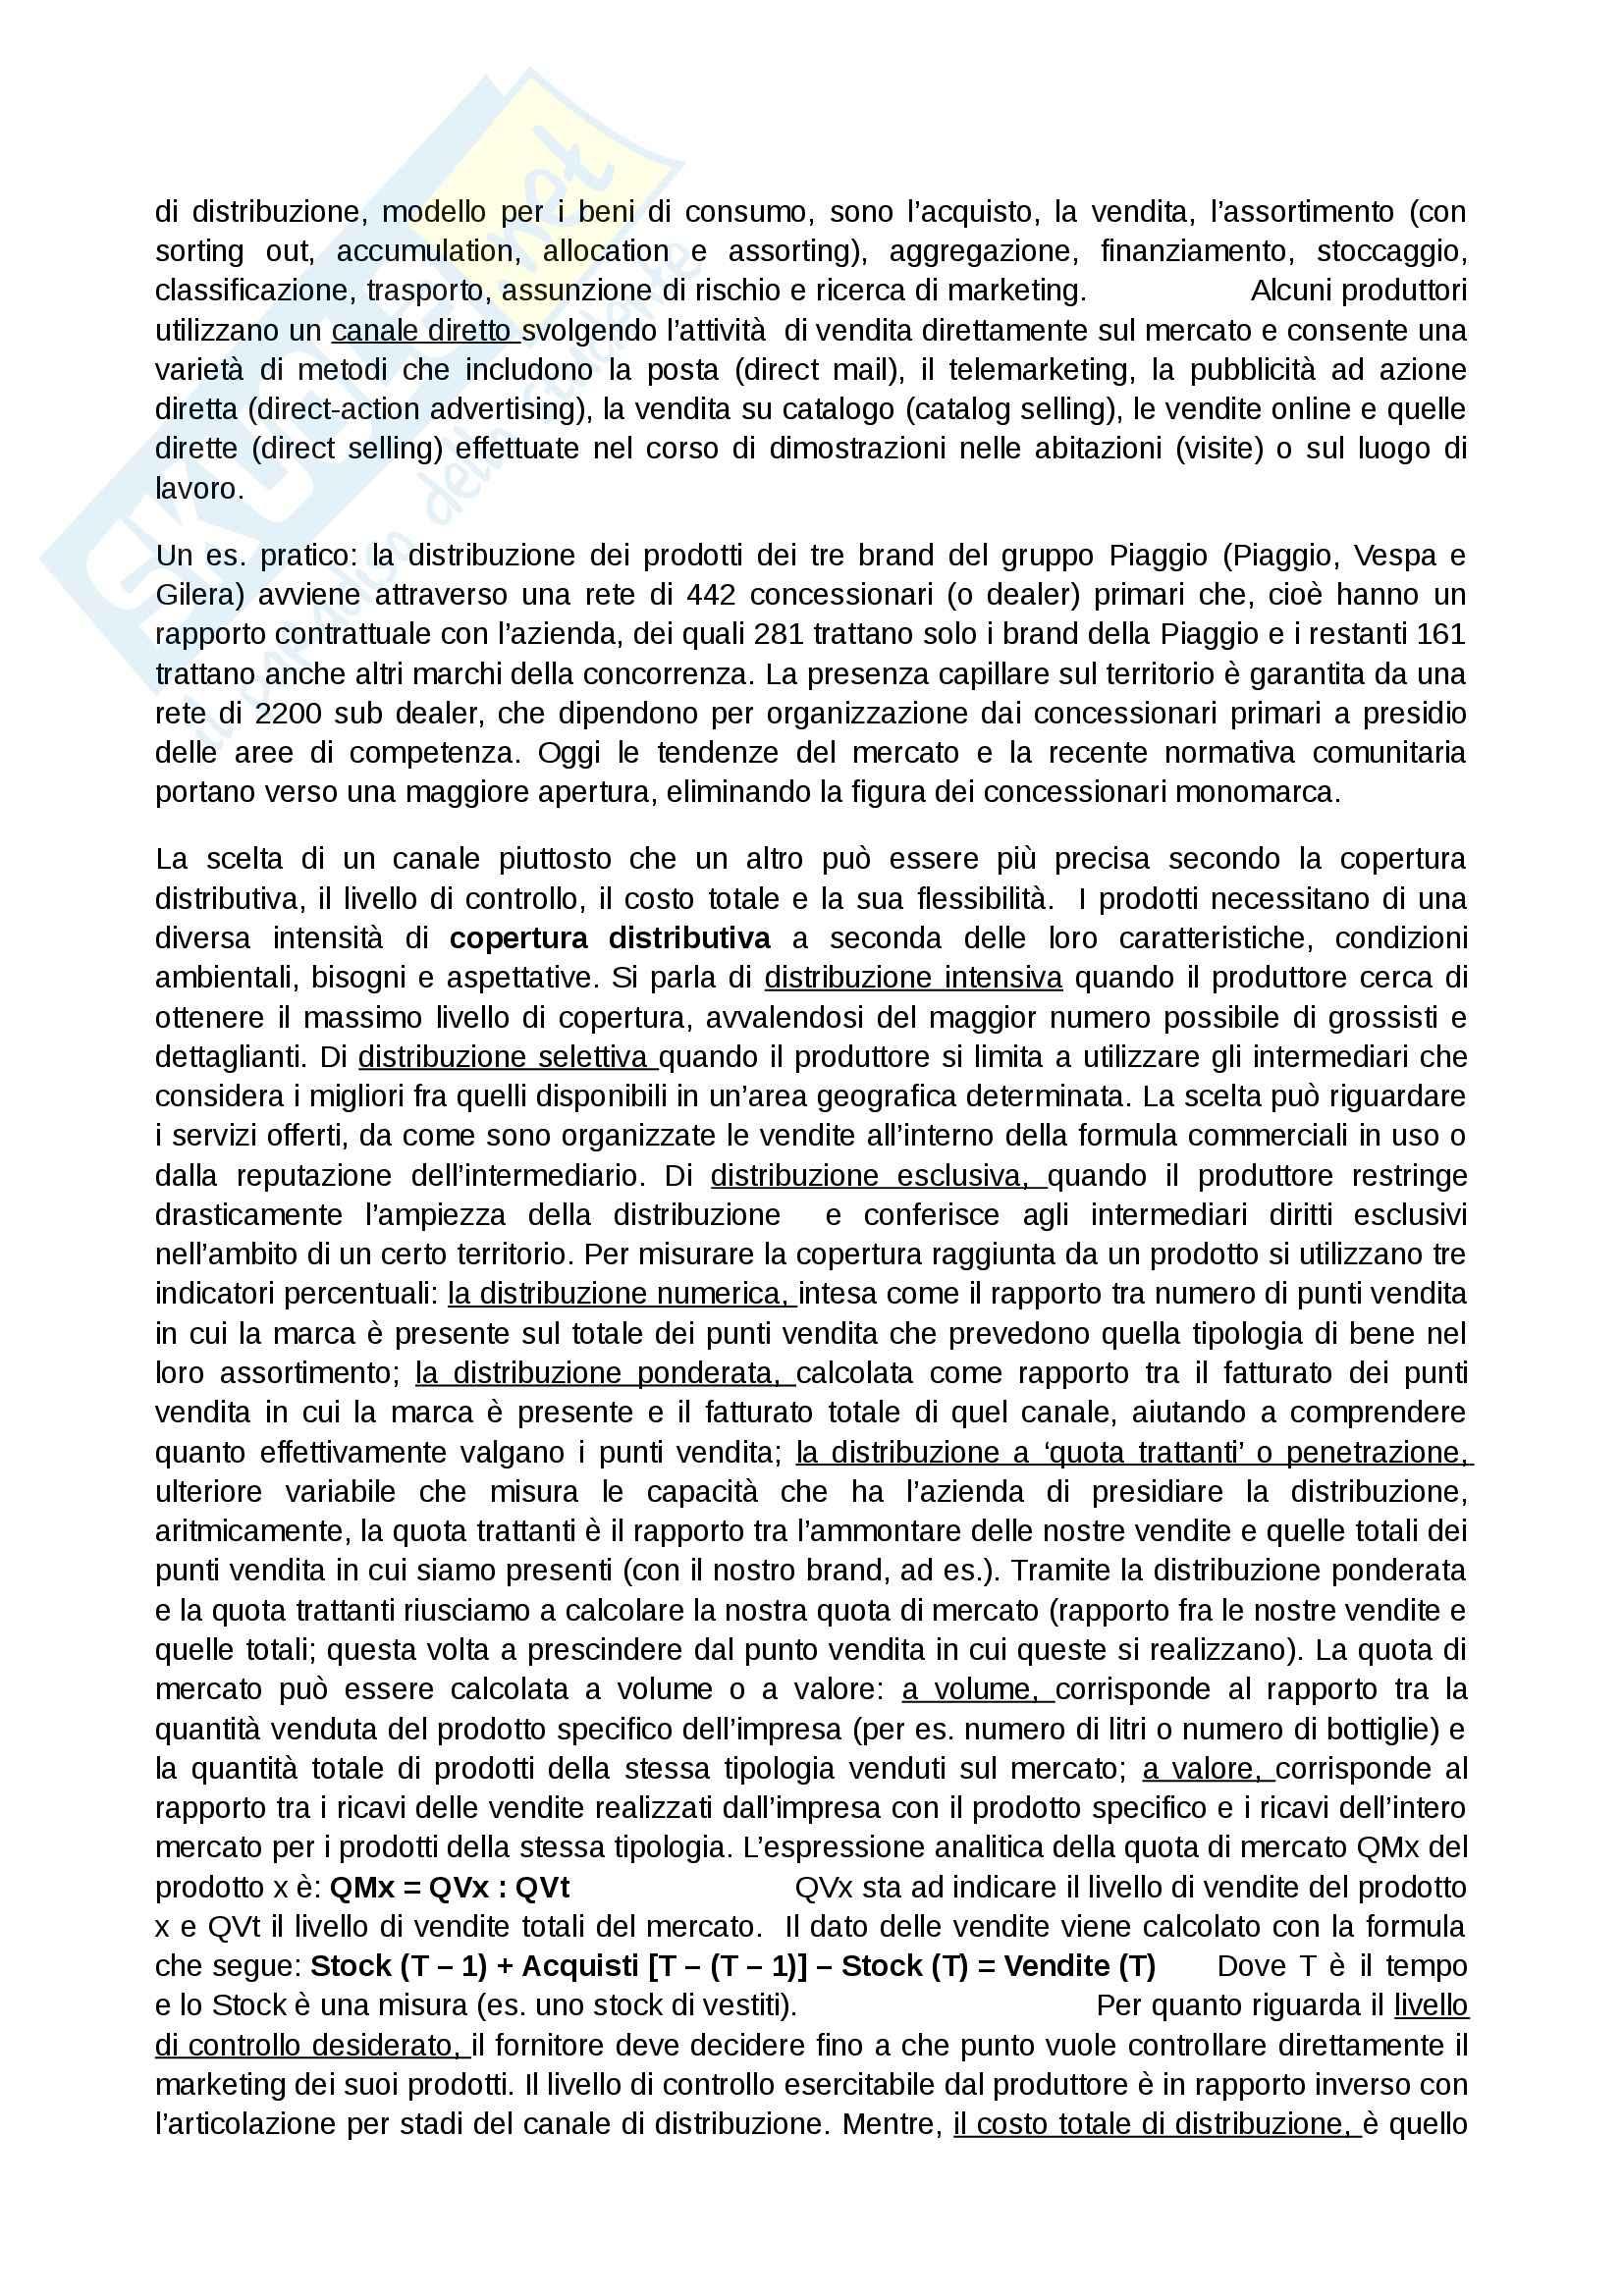 Riassunto esame Marketing, prof. Addamiano, libro consigliato Marketing di Peter, Donnelly, Pratesi Pag. 51